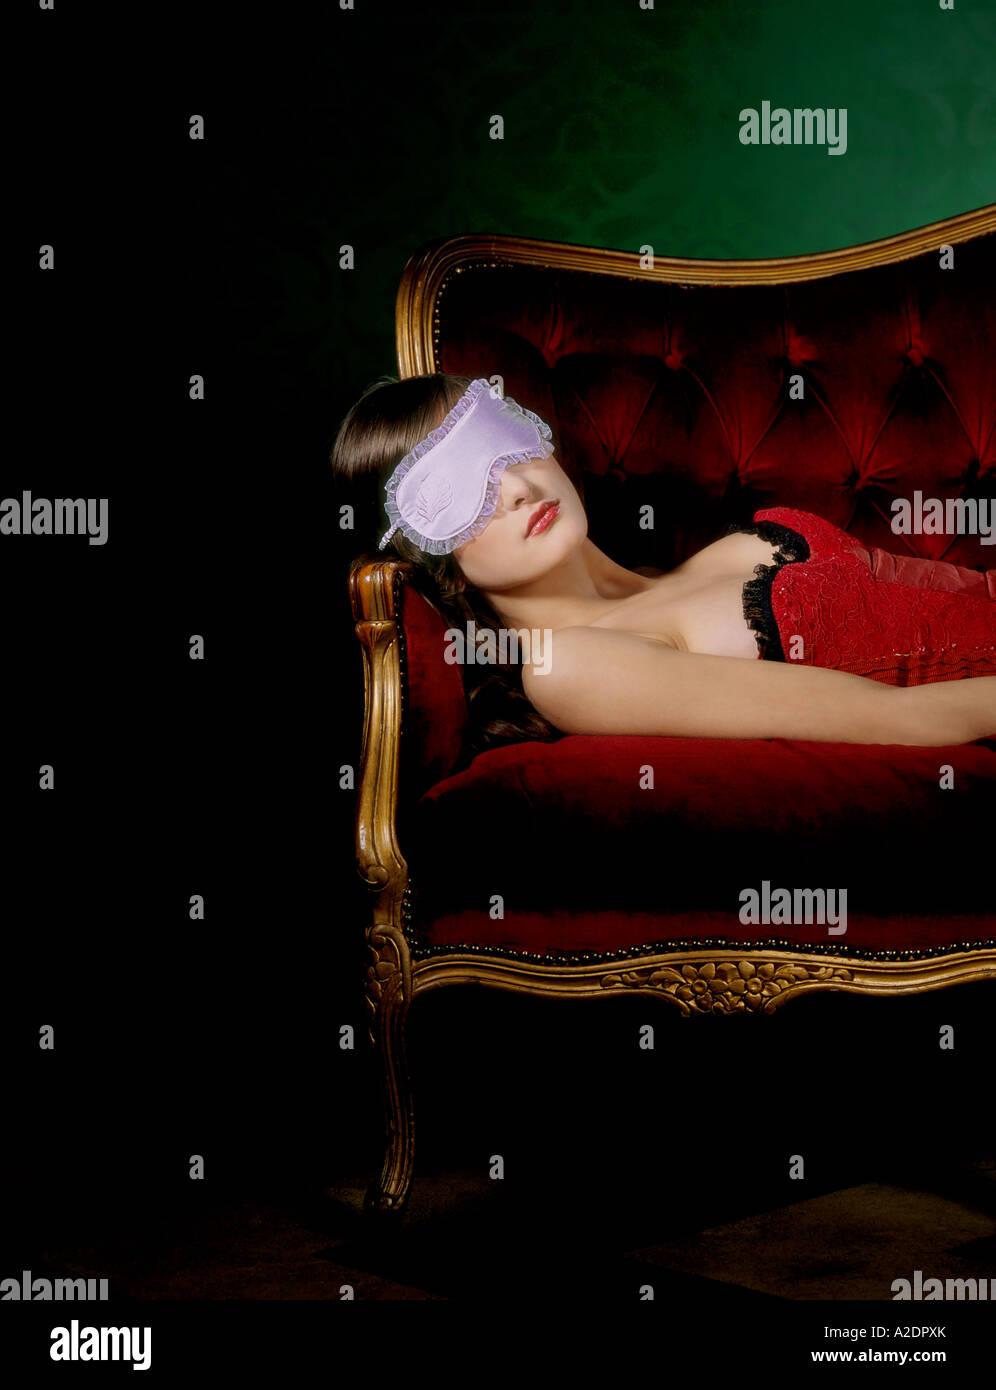 1217985 piscine télévision prix salon jeune femme brune 2530 rouge haut corset mensonge canapé canapé Photo Stock